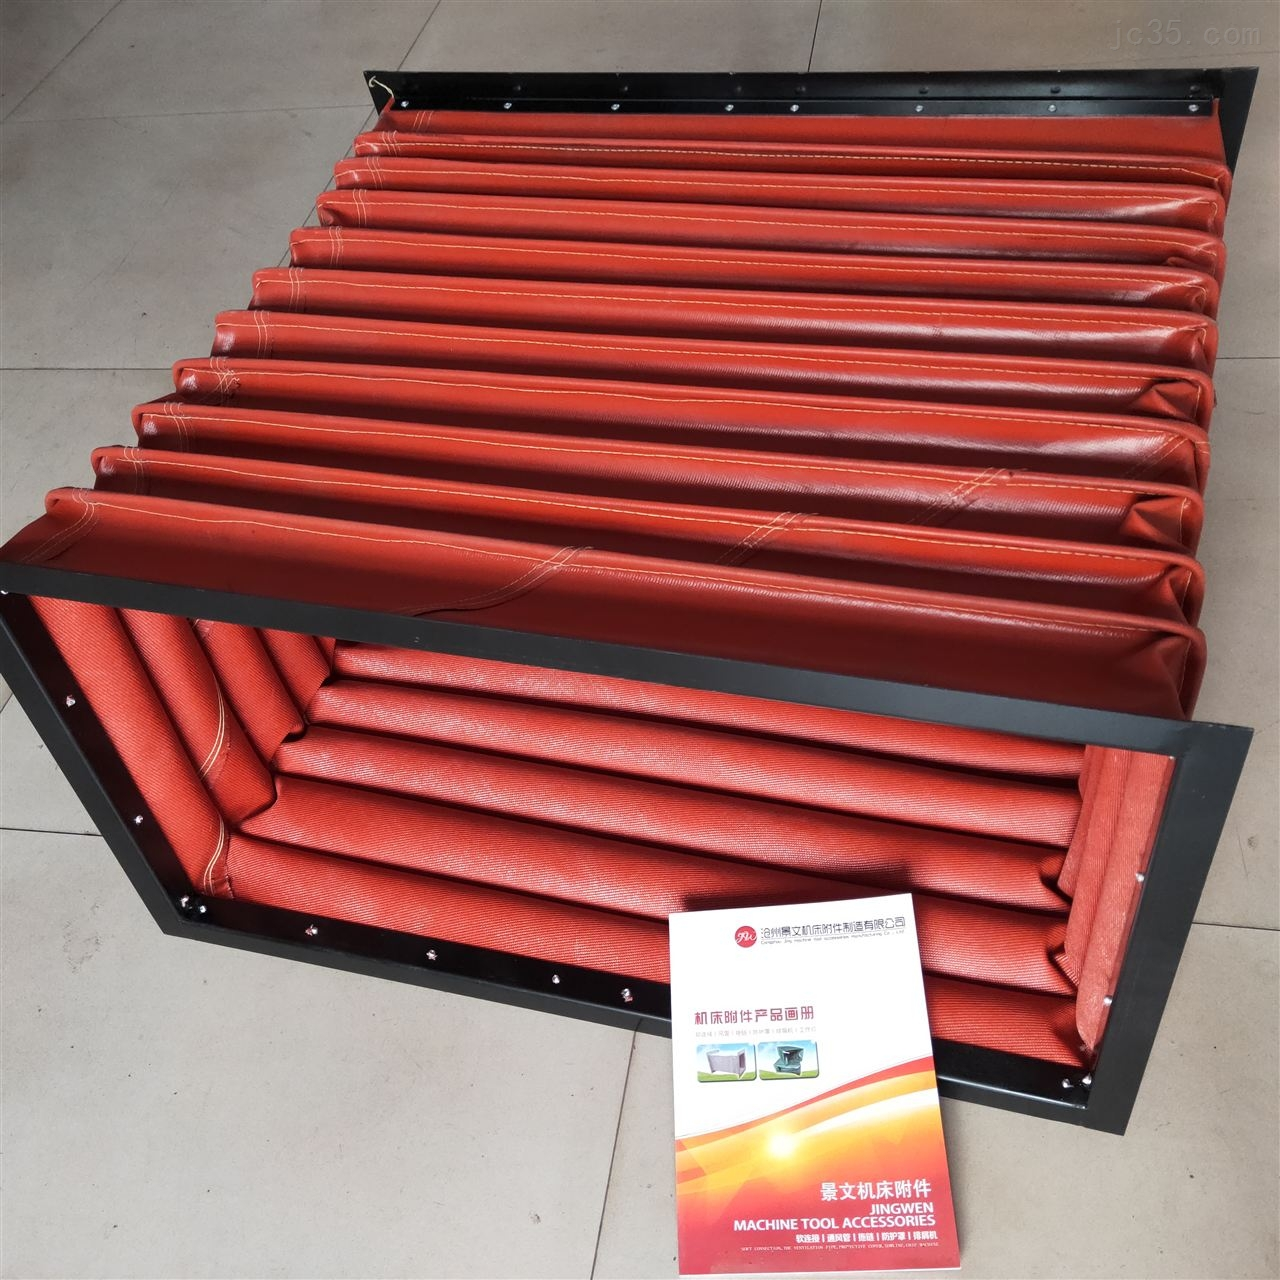 长方形耐温帆布通风口伸缩软连接价格